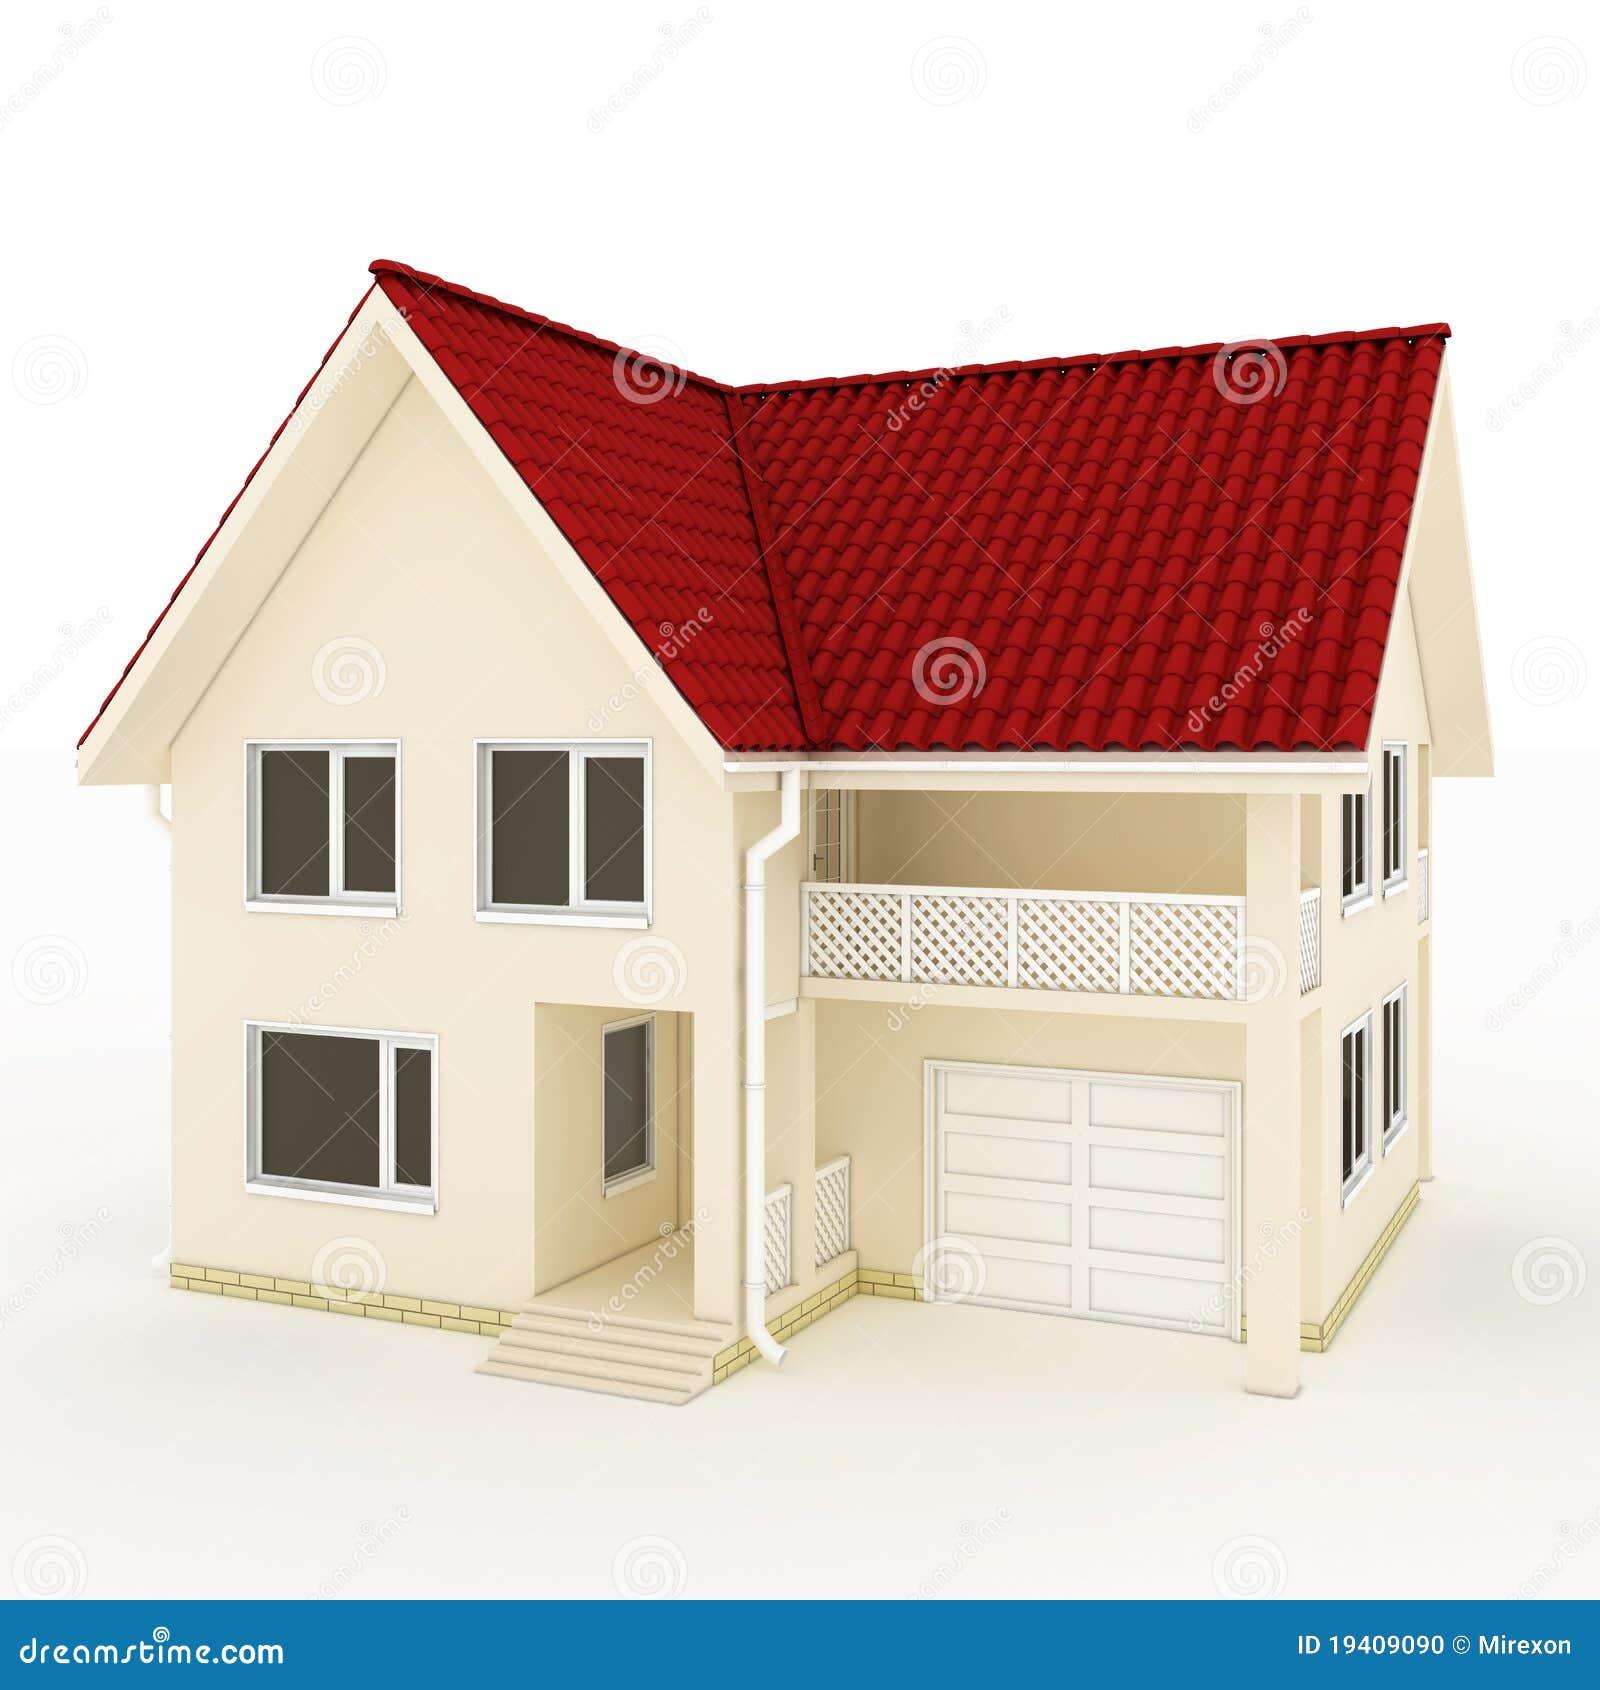 maison two story avec le toit le balcon et le garage rouges illustration stock illustration. Black Bedroom Furniture Sets. Home Design Ideas